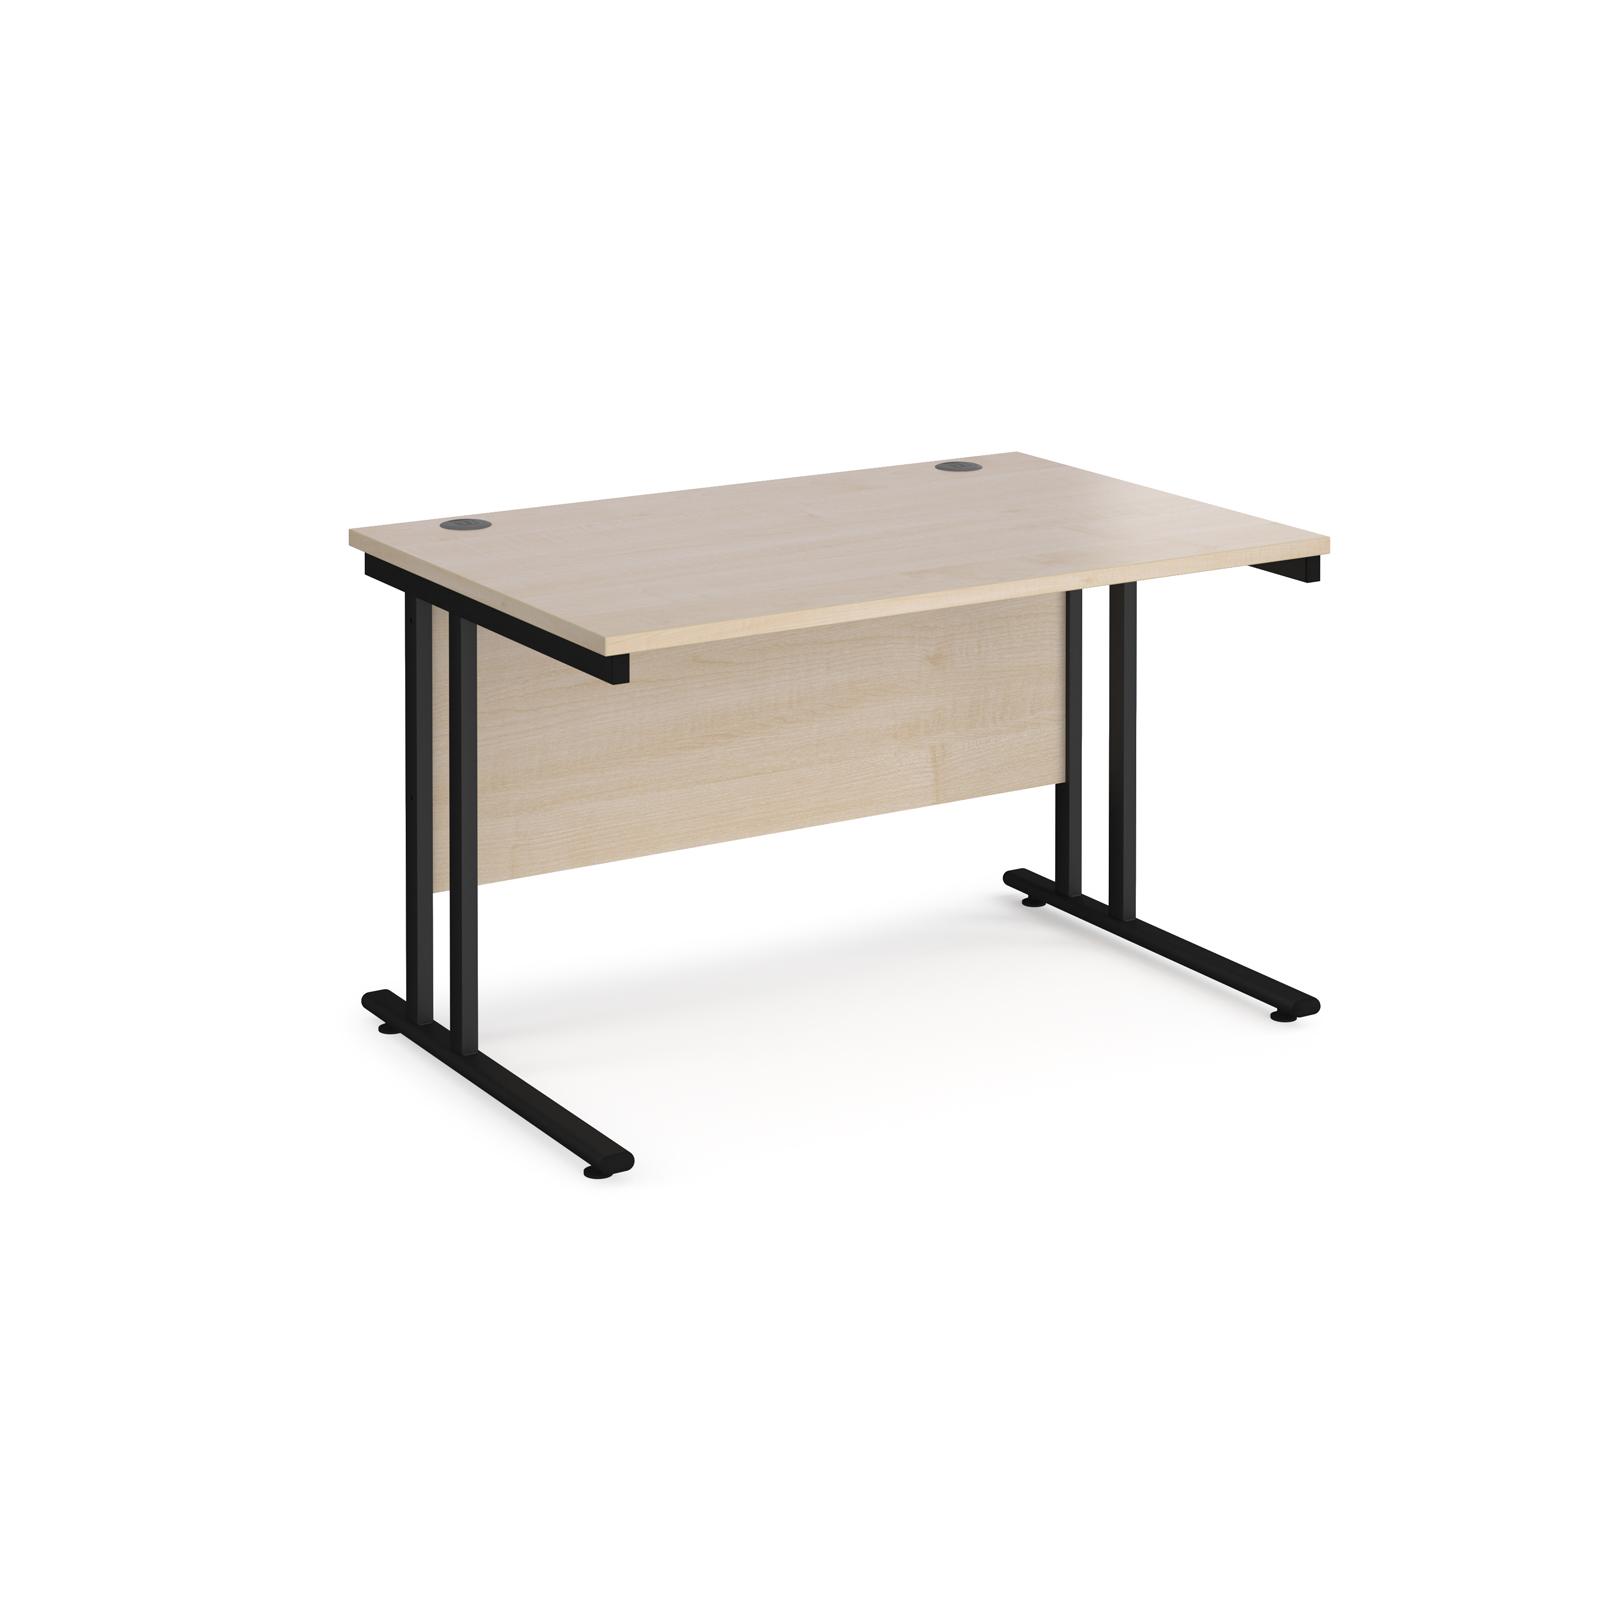 Rectangular Desks Maestro 25 straight desk 1200mm x 800mm - black cantilever leg frame, maple top